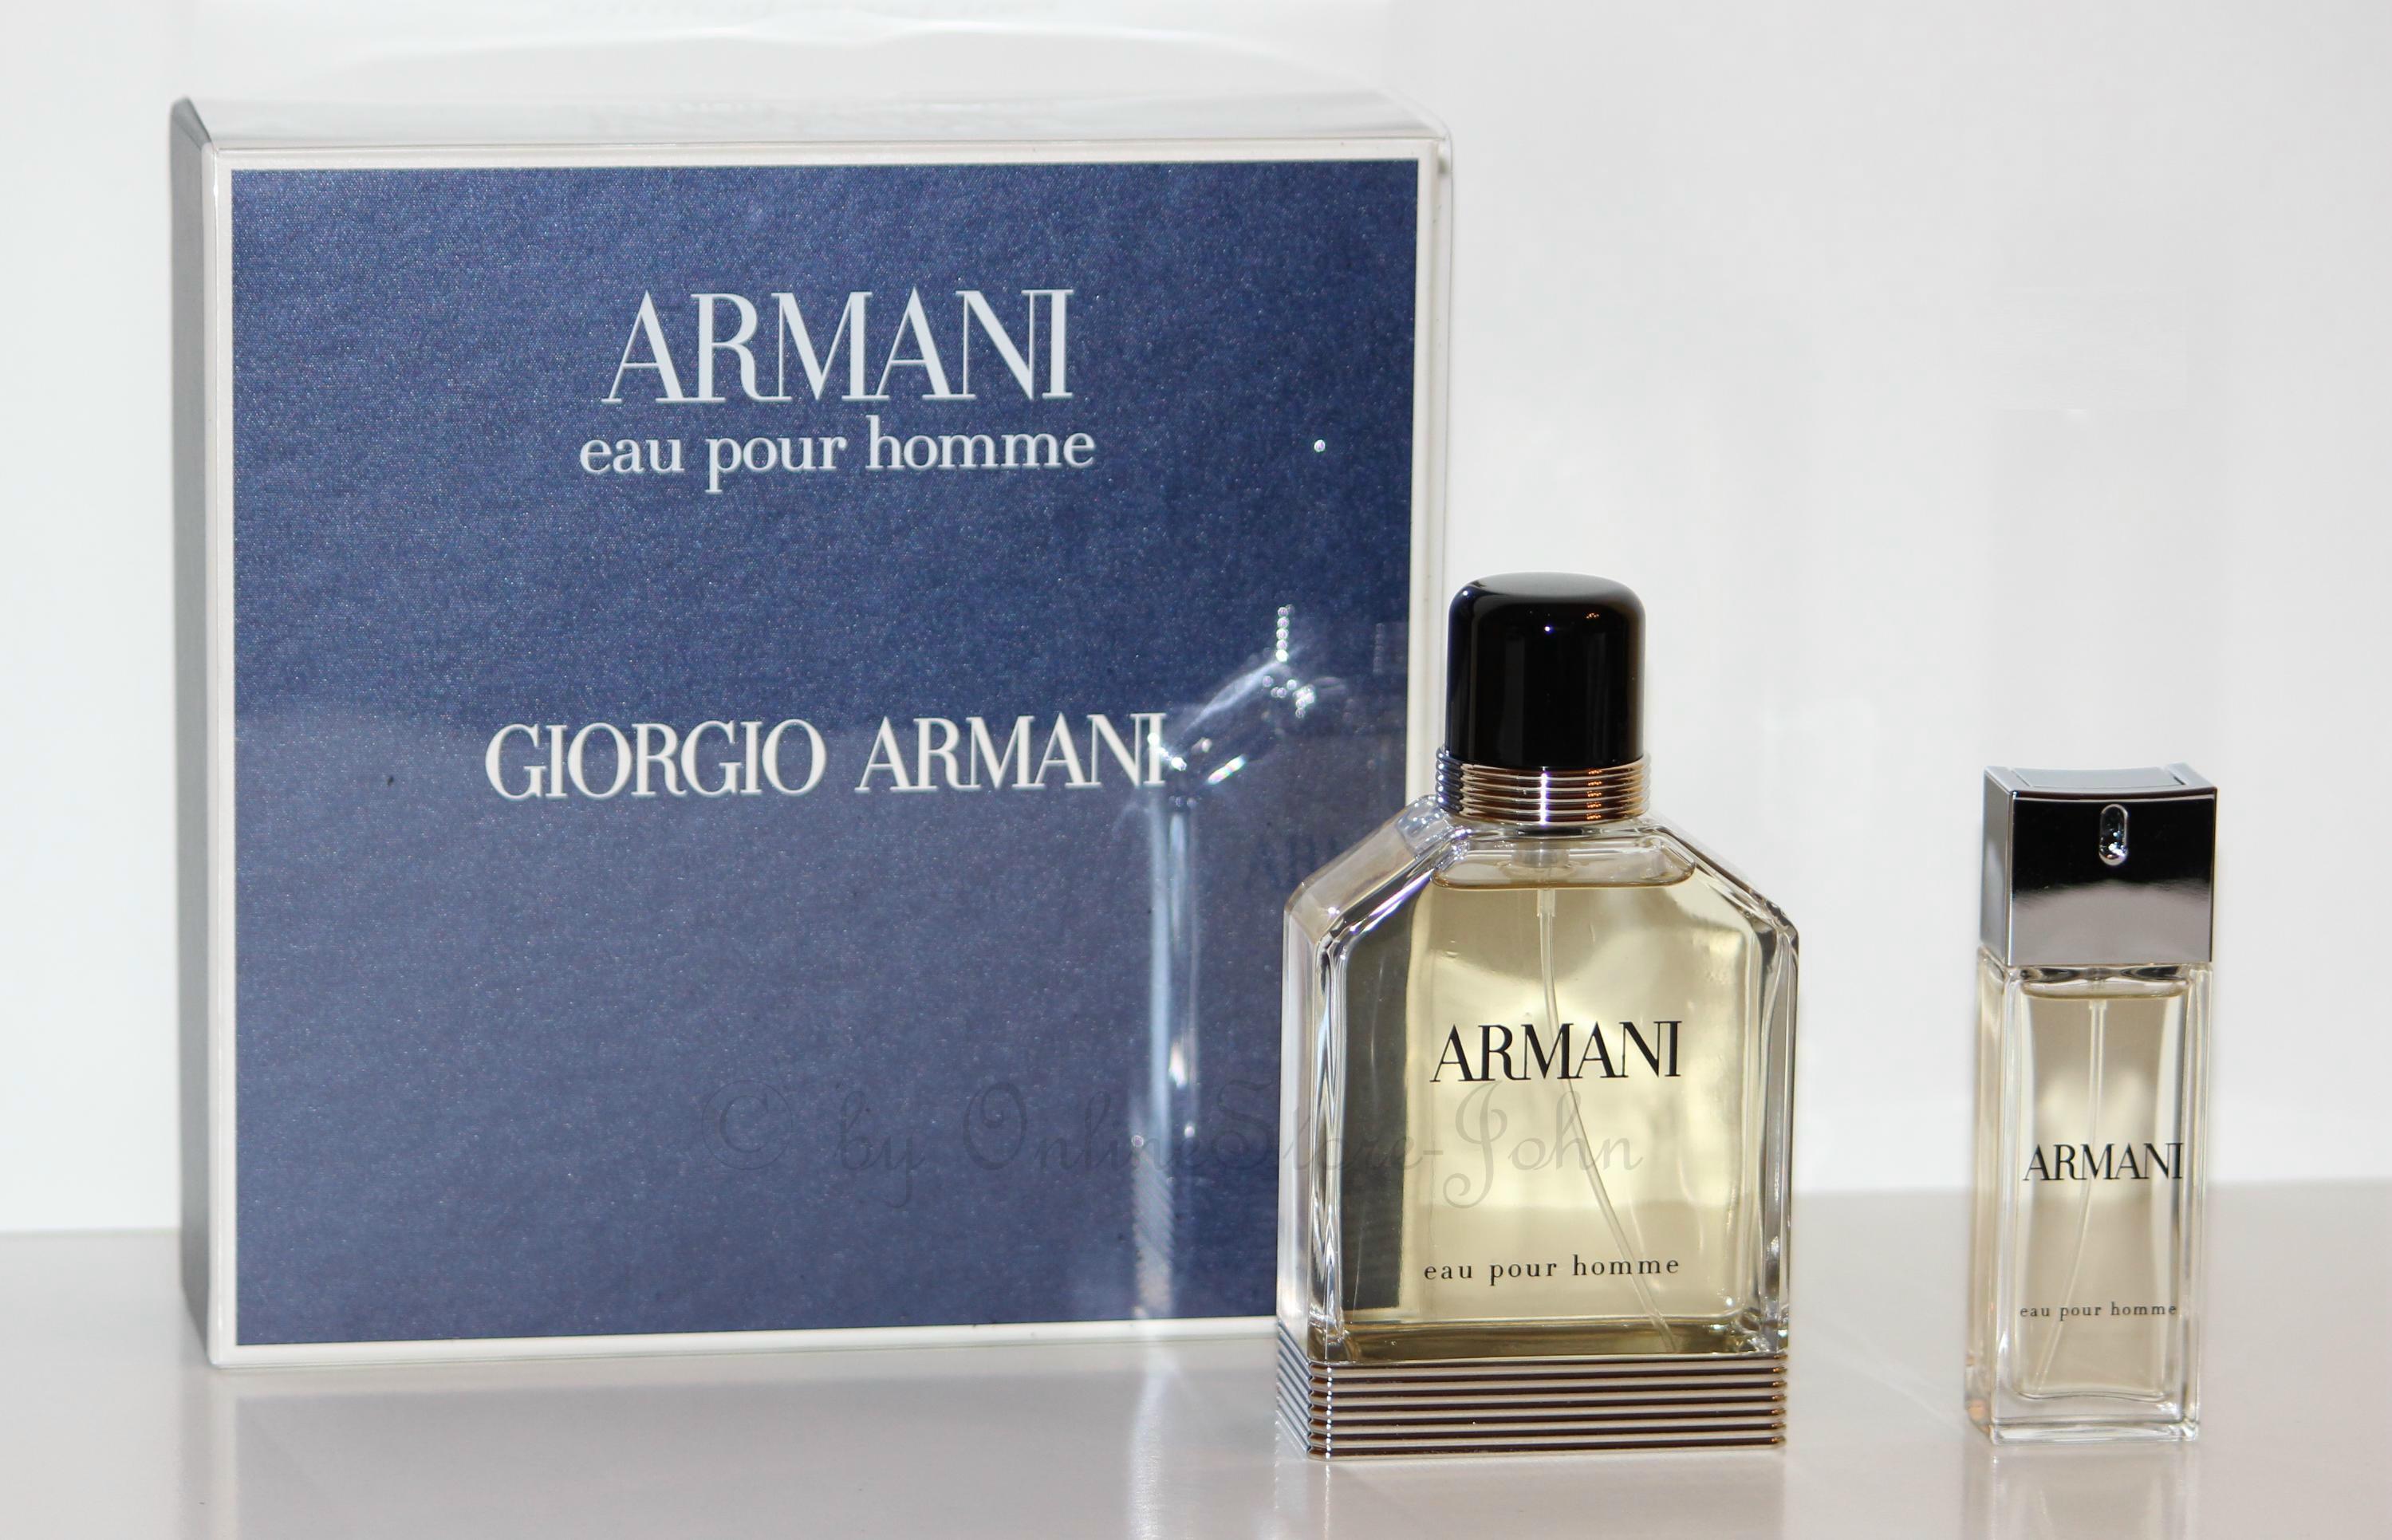 Giorgio Armani - Eau pour Homme Set - 100ml EDT + 20ml EDT 7a406e7f48b